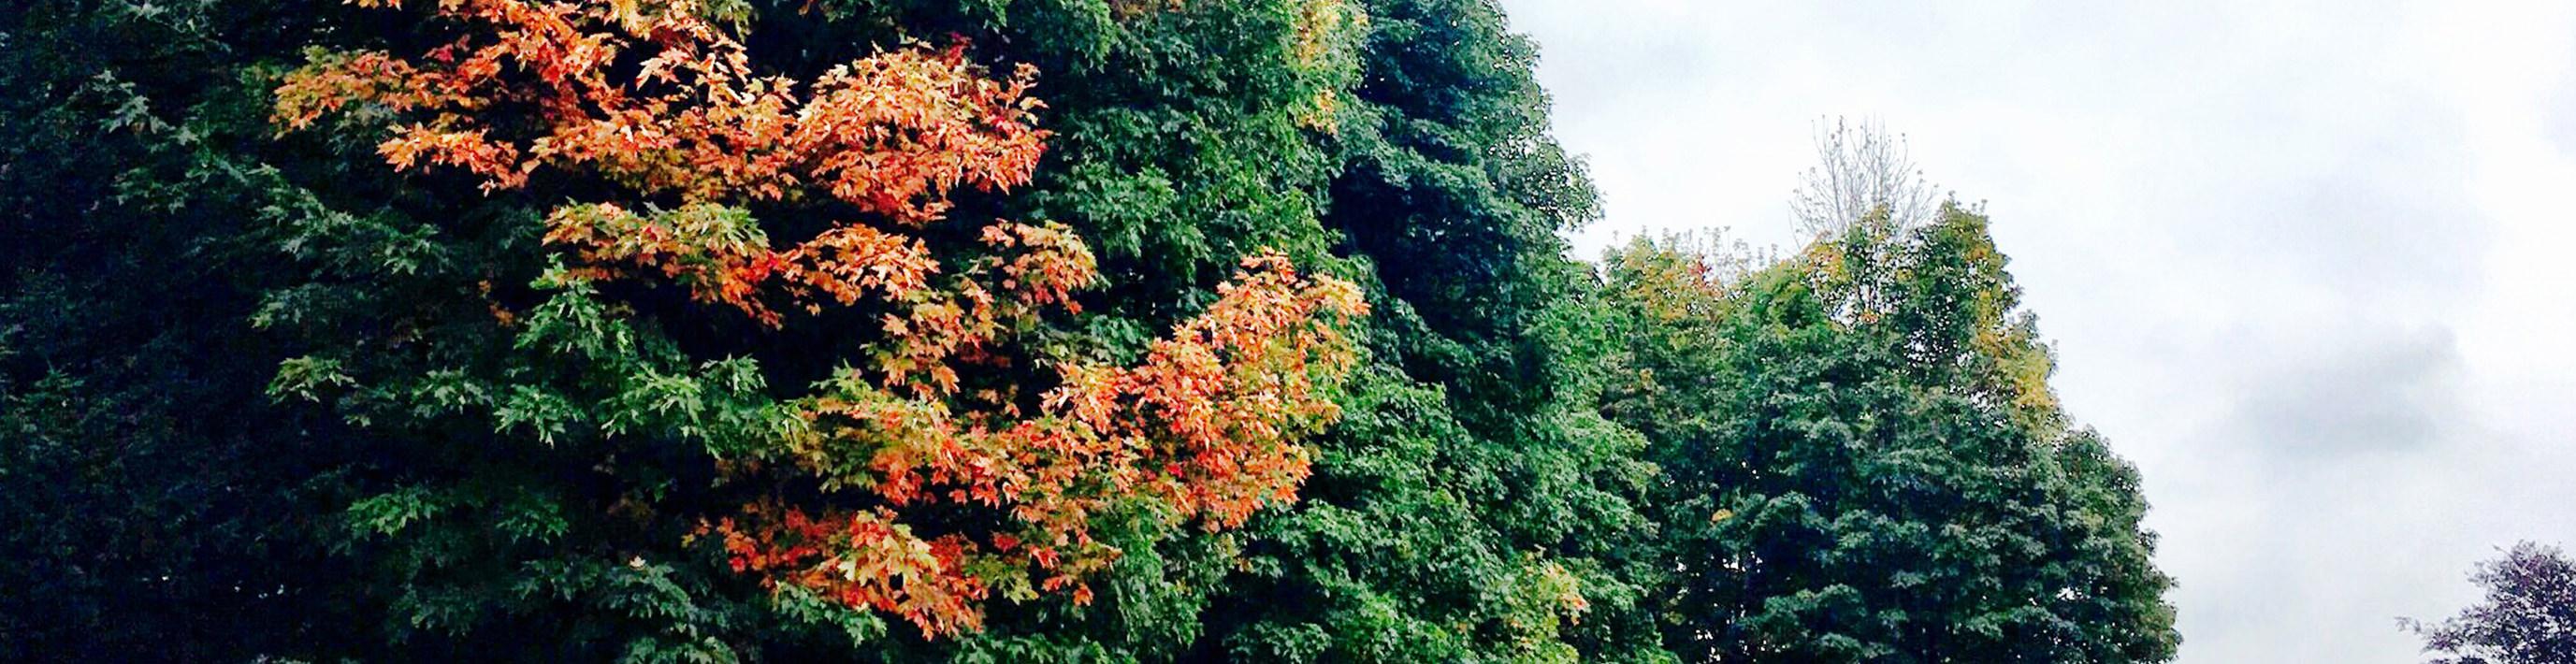 autumnbanner.jpg